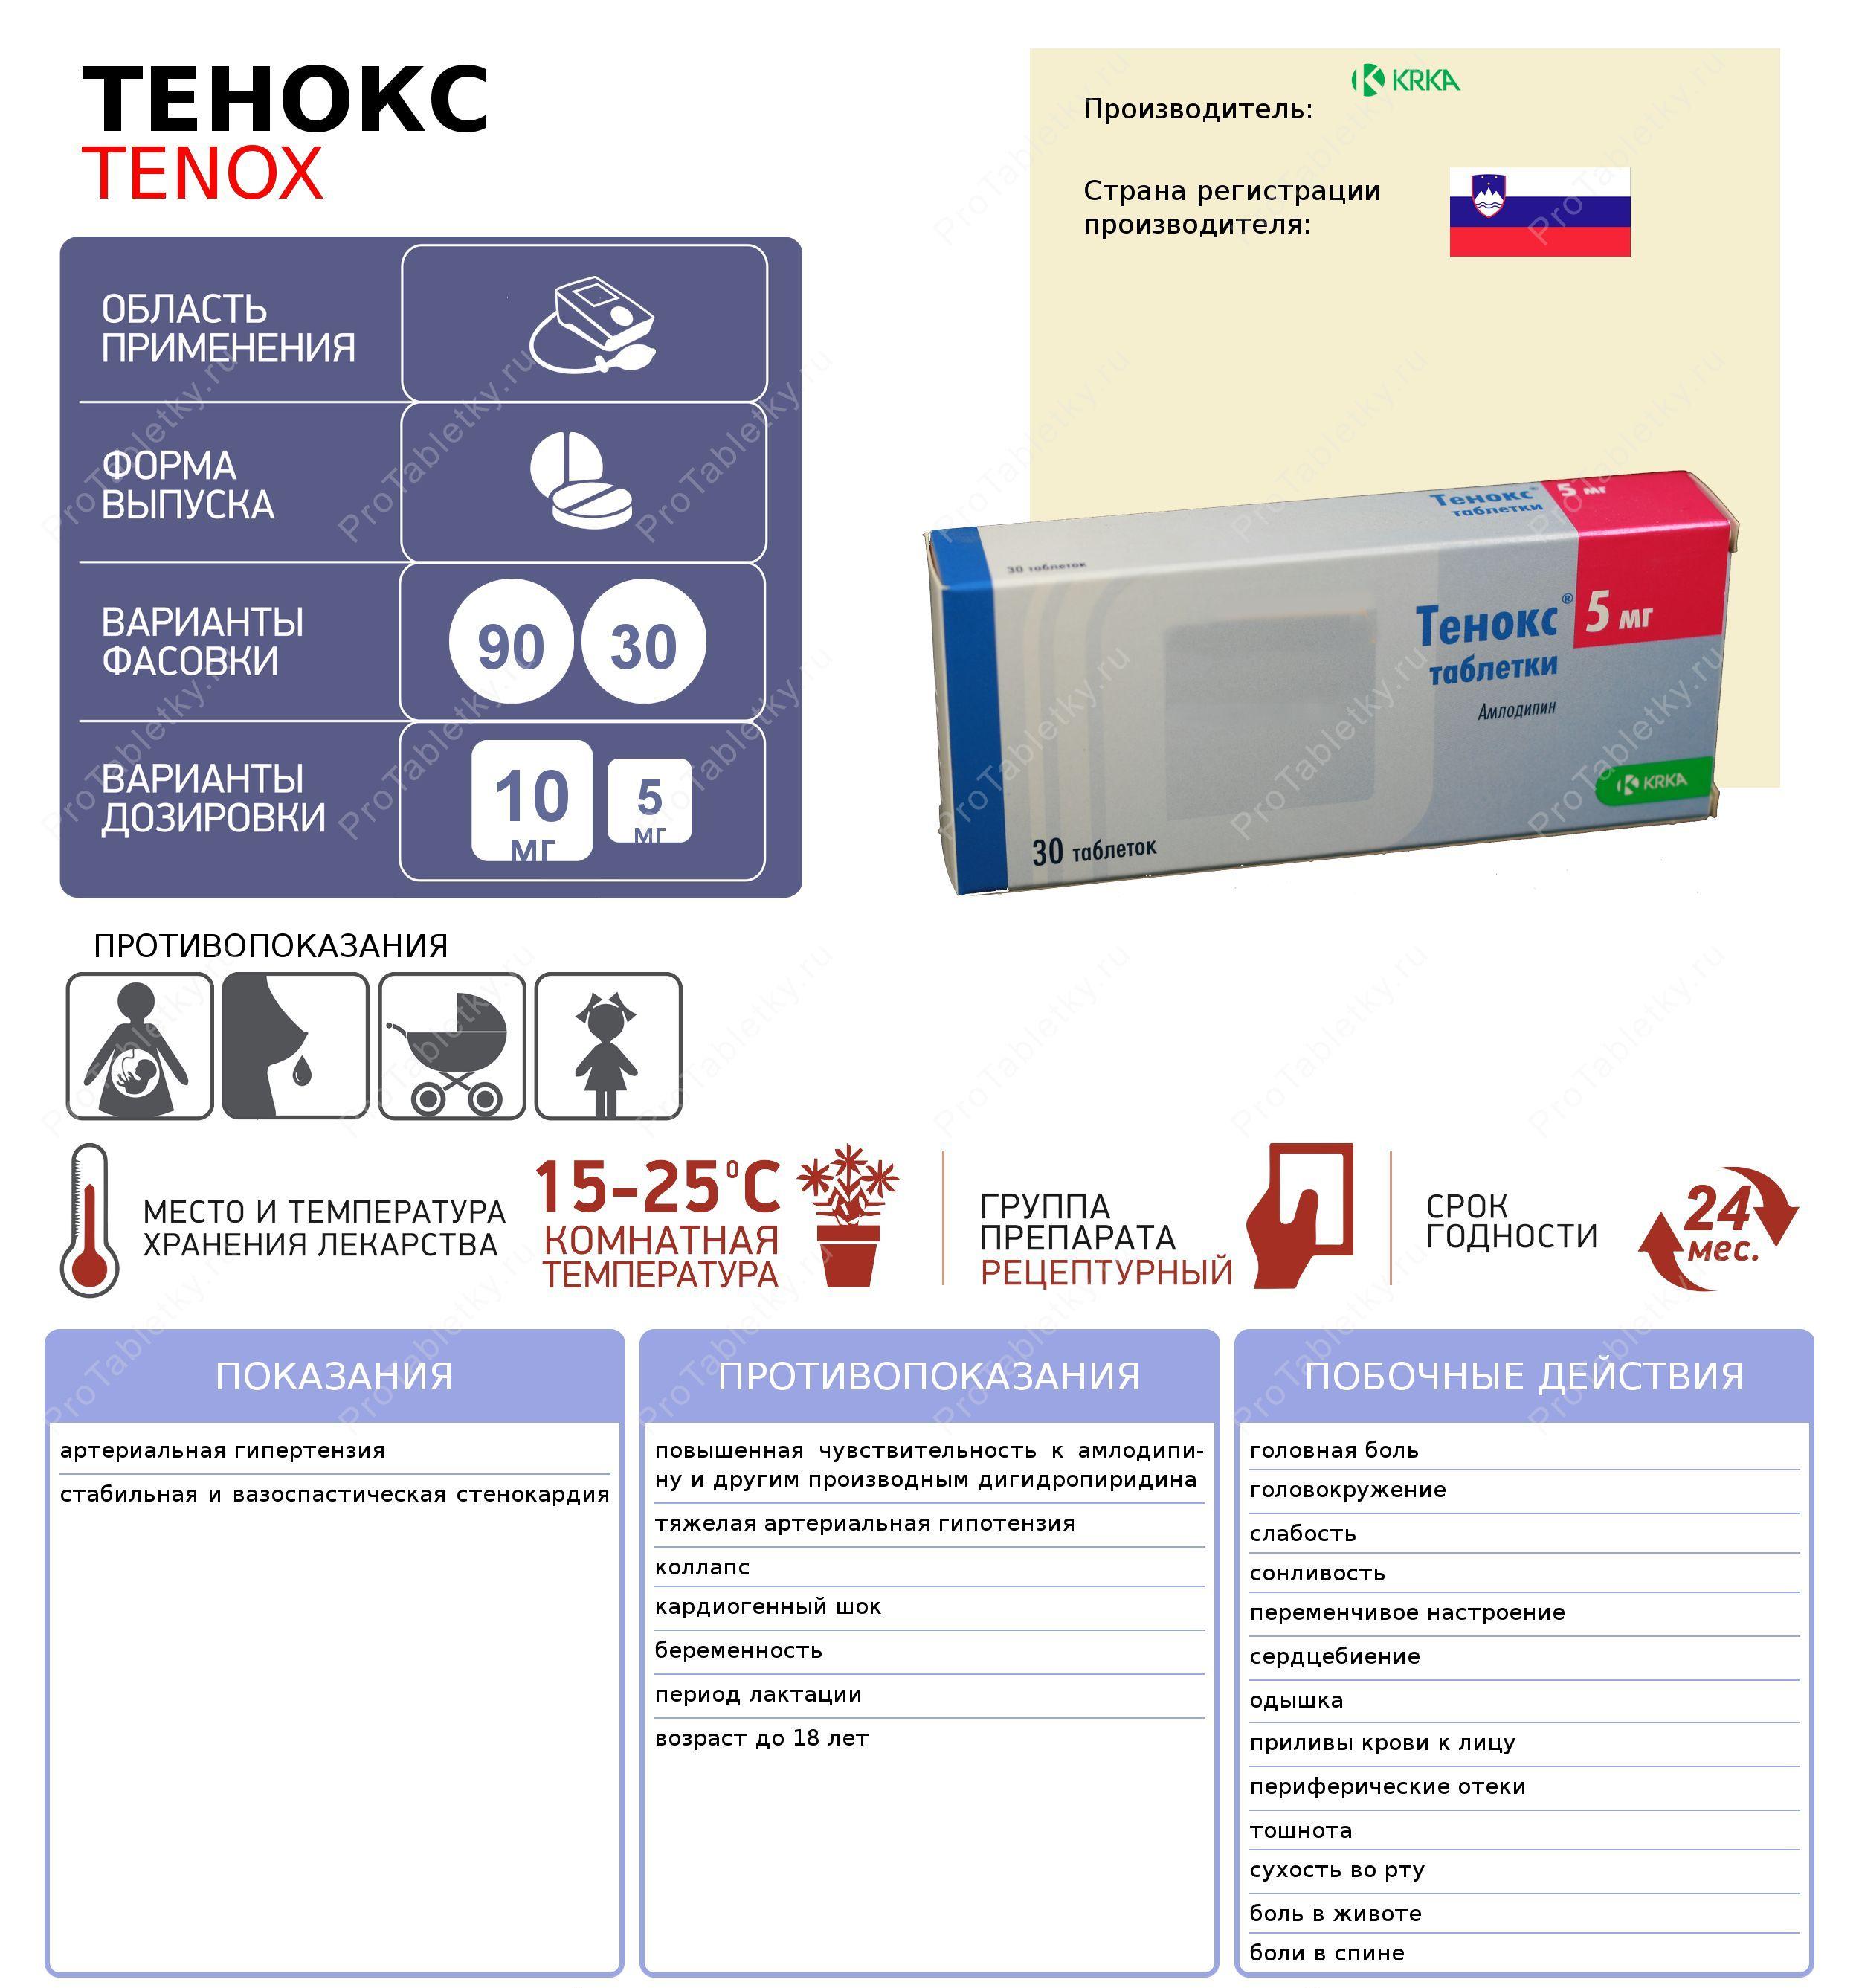 a magas vérnyomás népi jogorvoslatok vélemények)